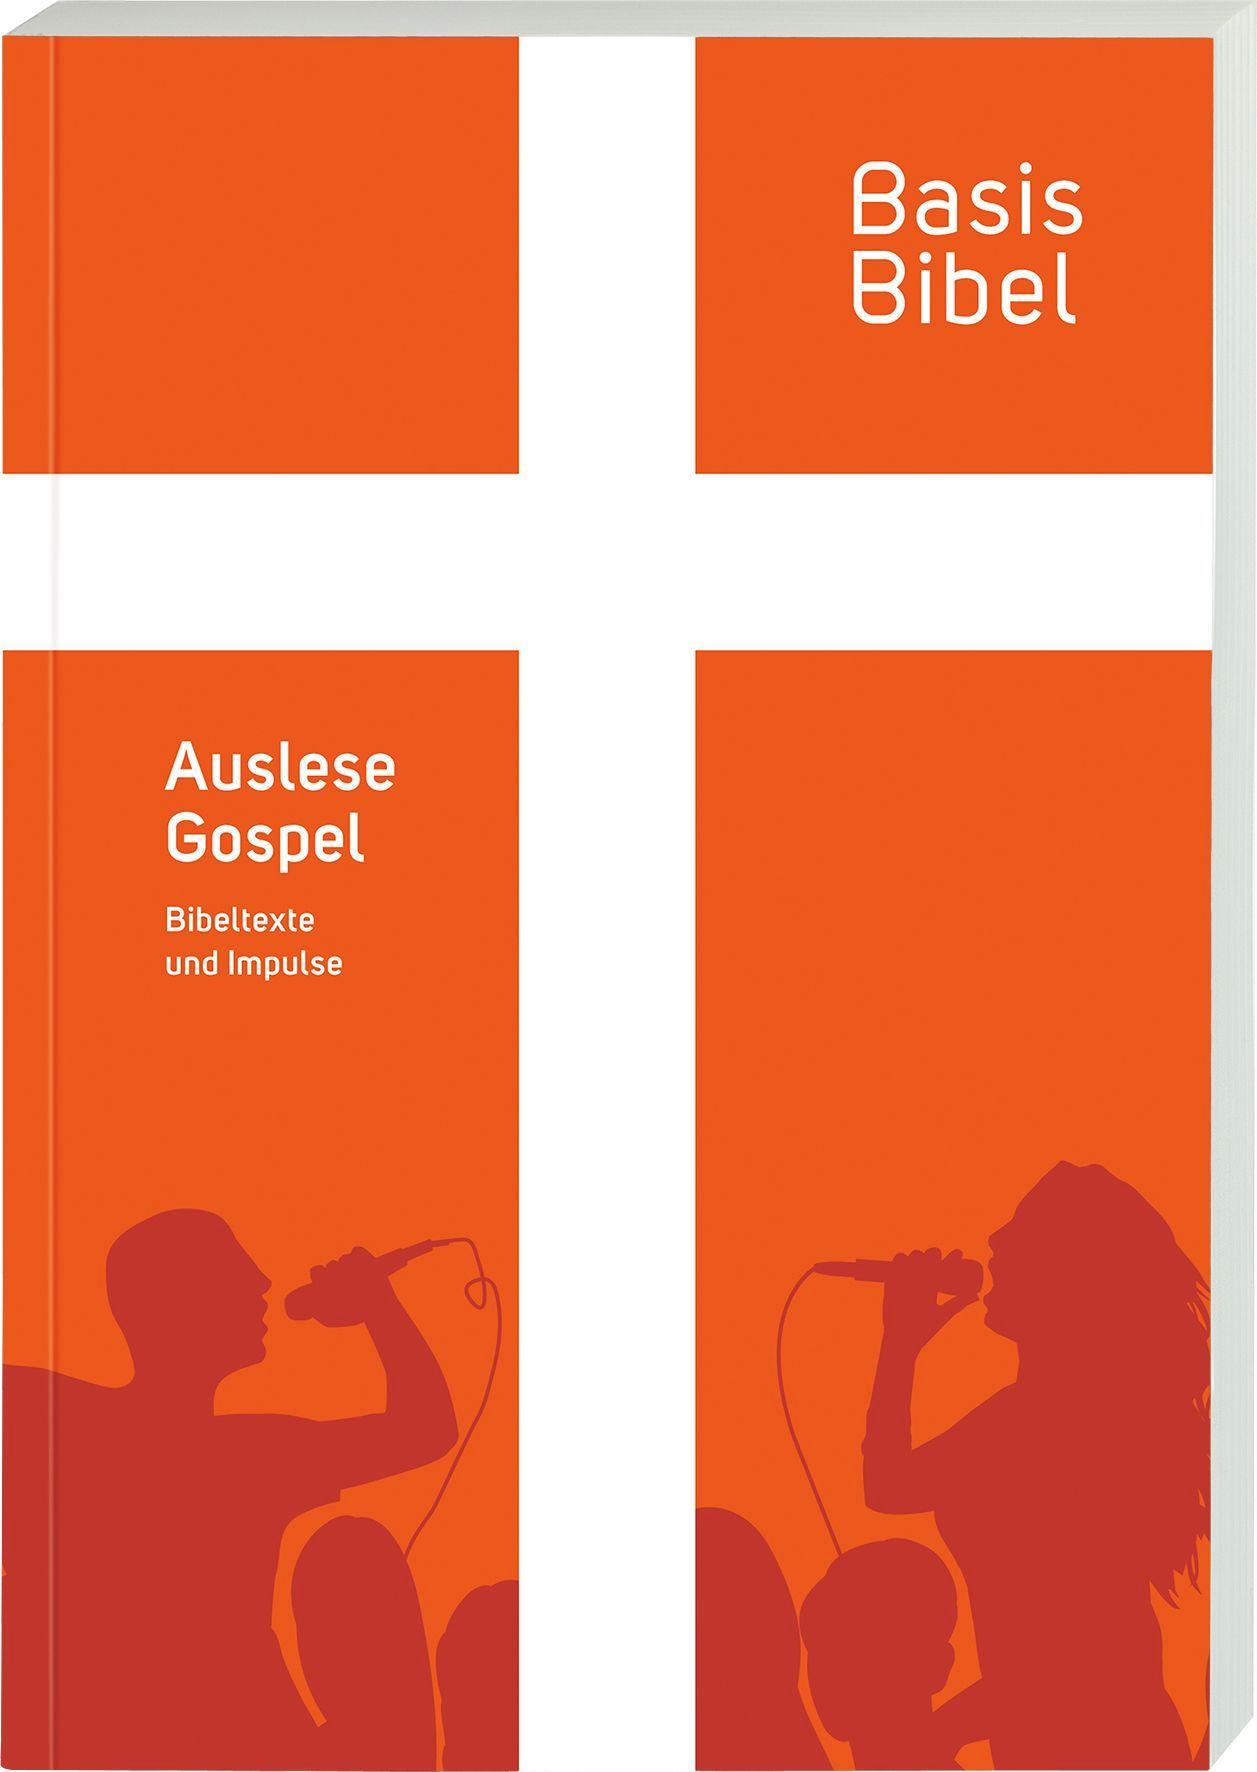 BasisBibel. Auslese Gospel